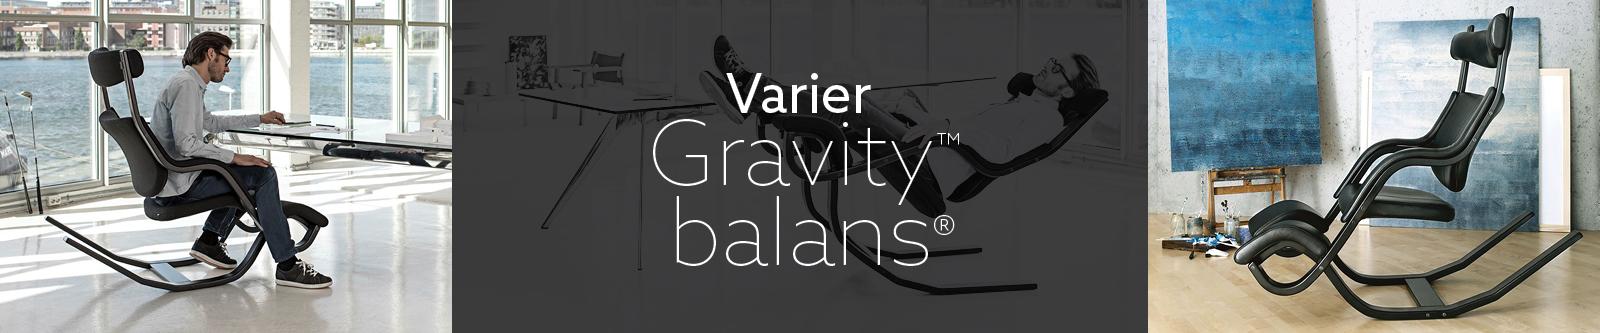 varier gravity balans